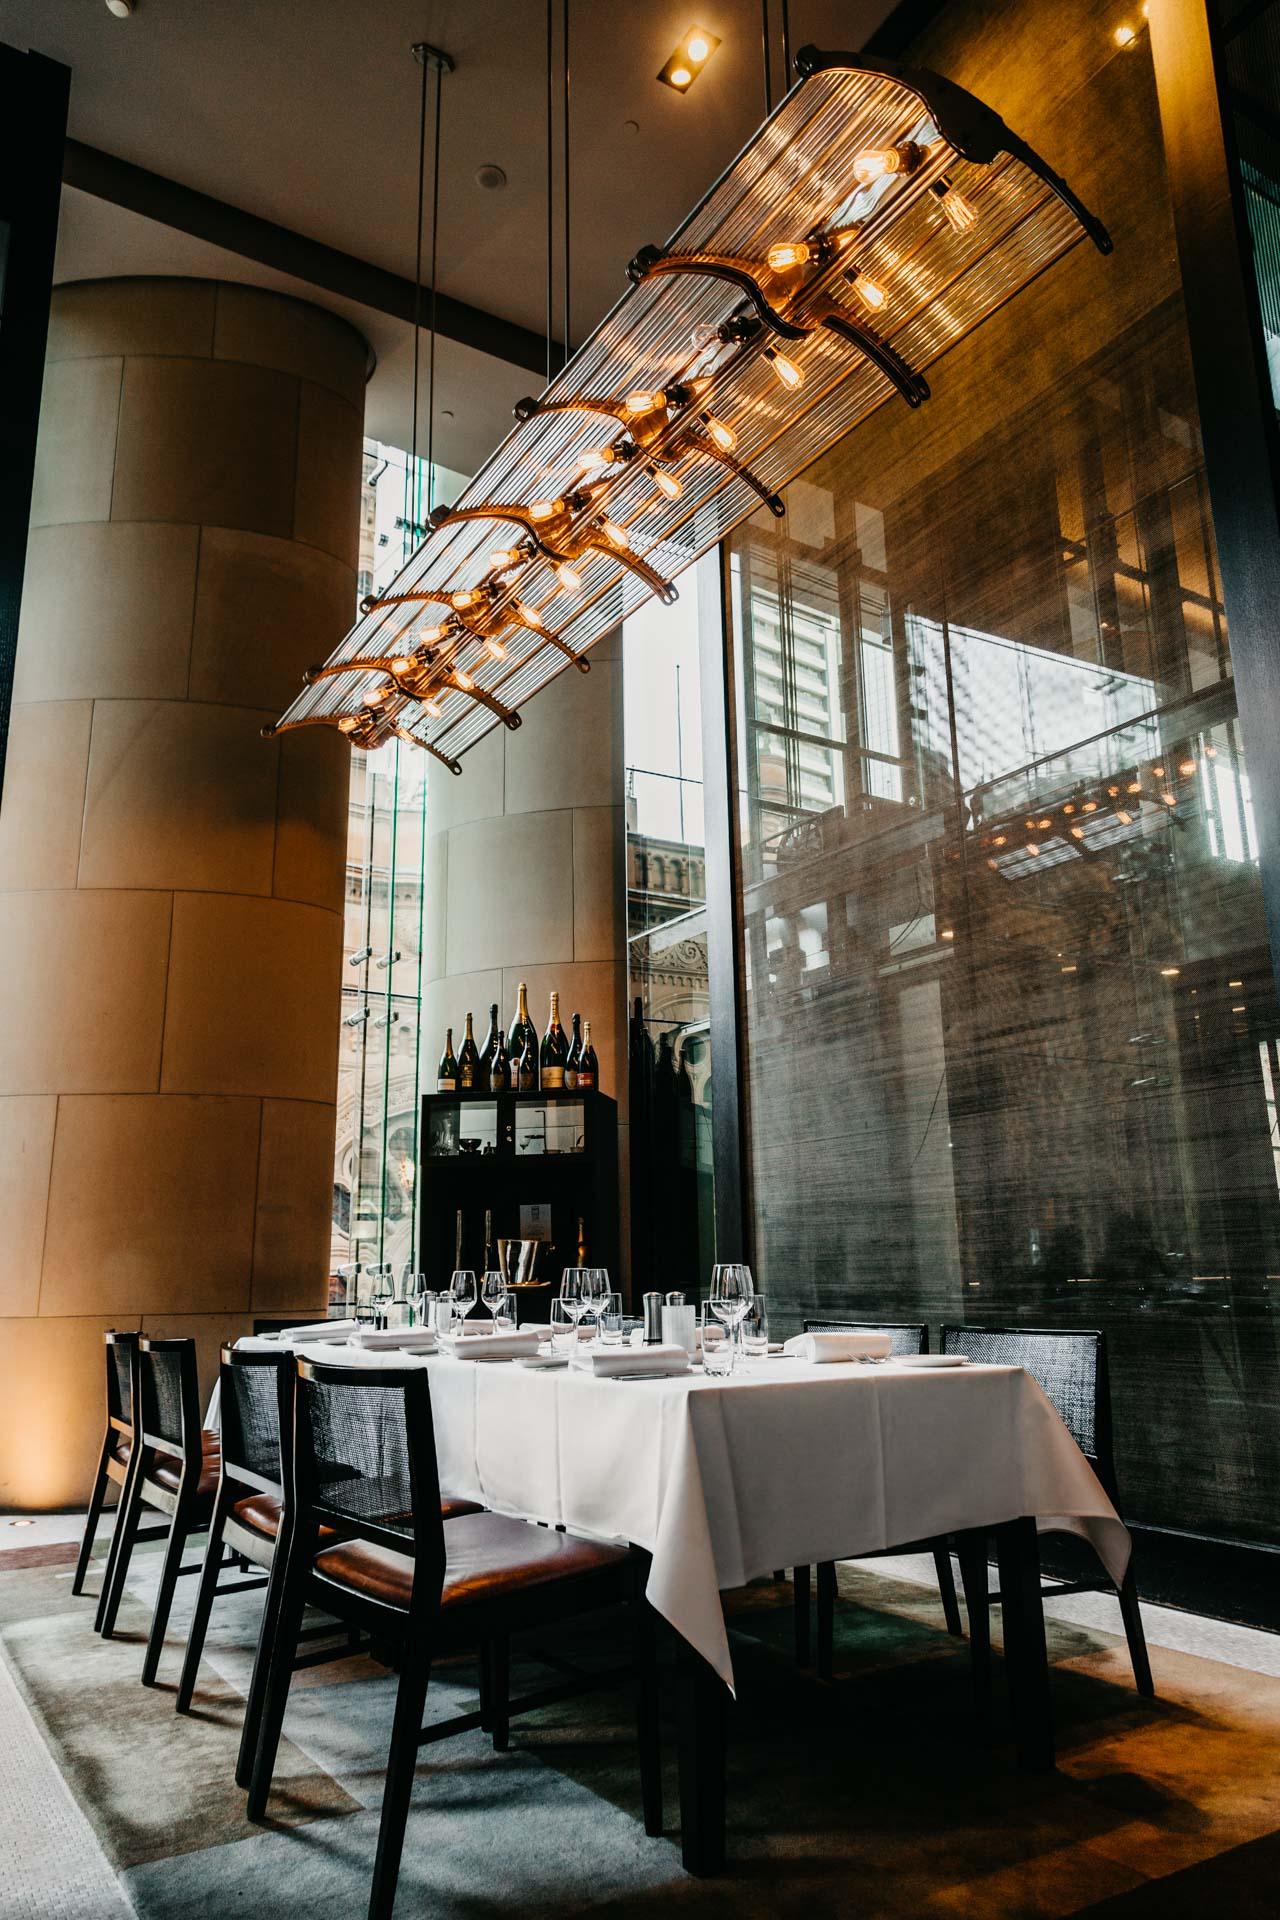 glass - restaurant interior - 2018 (lowres)-13.jpg